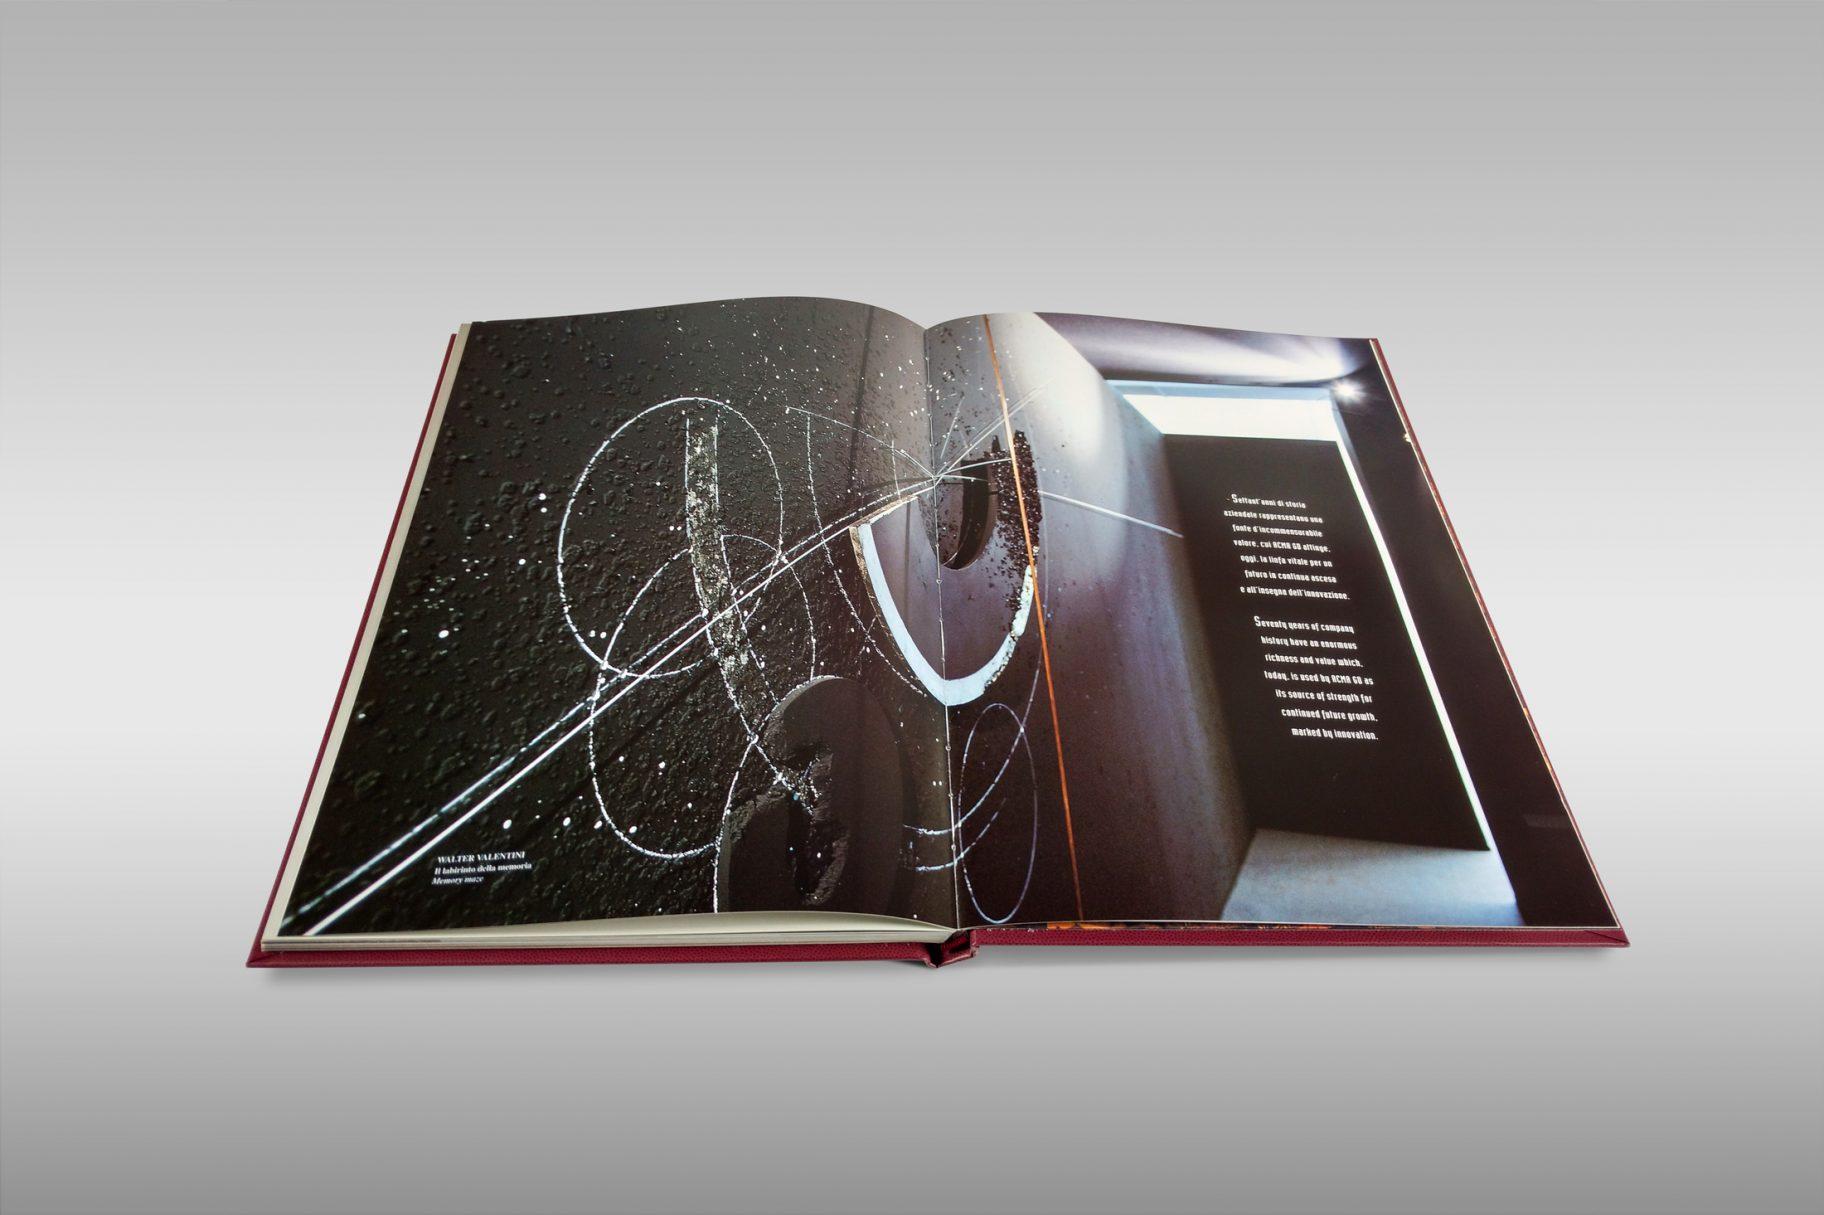 ACMA GD Monografia-book-p11